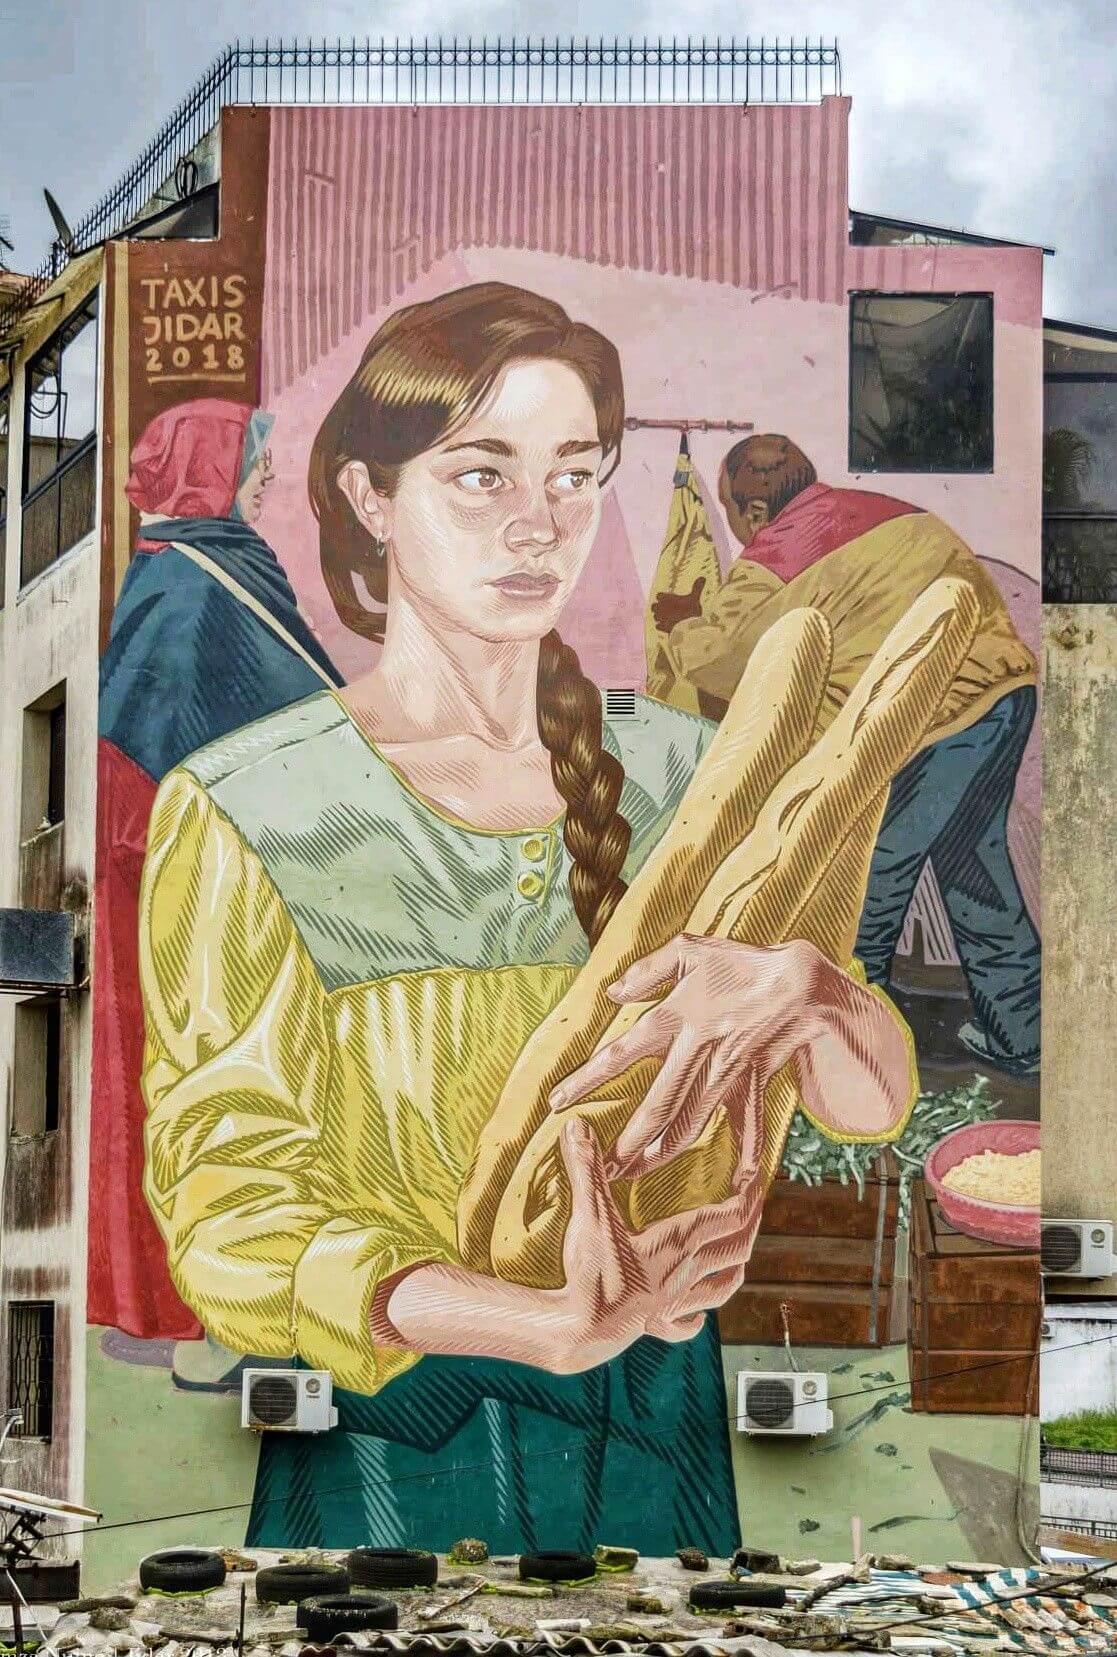 Mujer con pan, graffiti estilo cómic de Dimitris Taxis